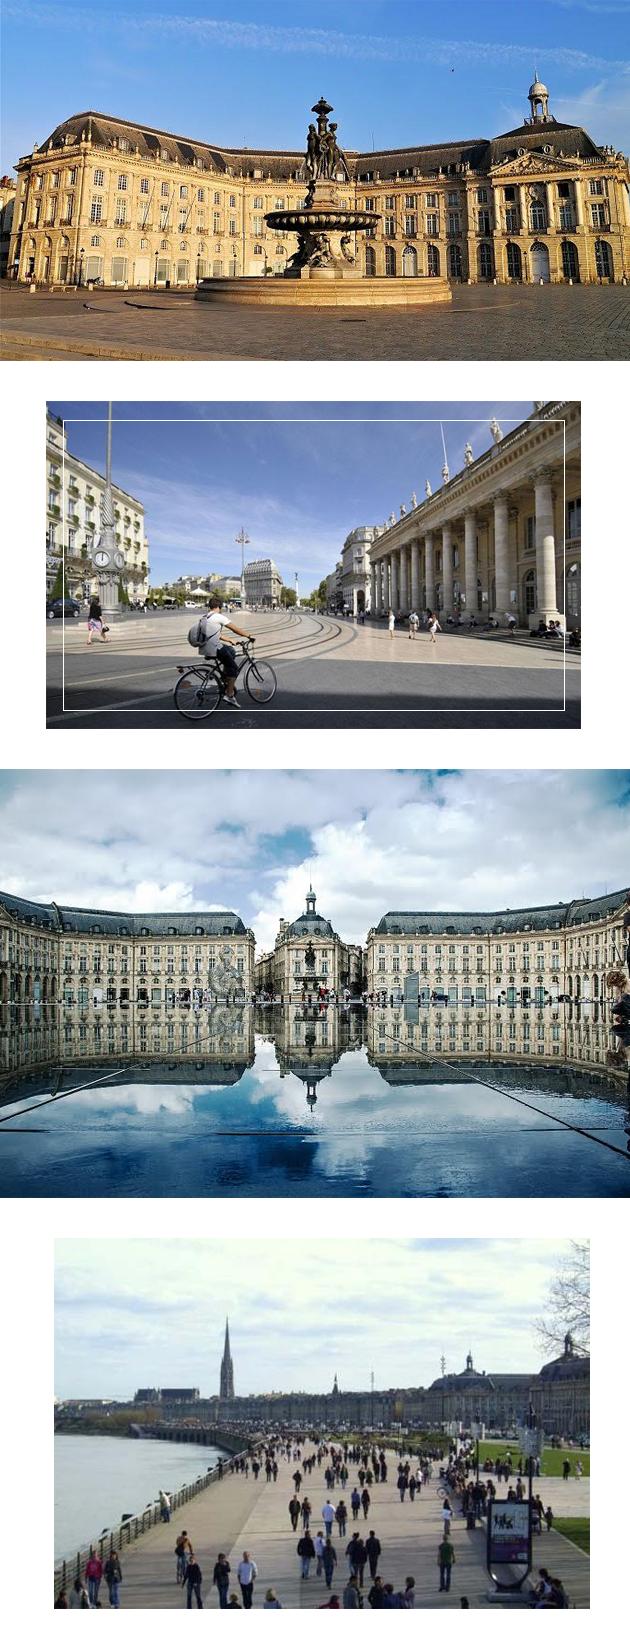 Tudo-sobre-a-cidade-Bordeaux-informações-guia-de-viagem-dicas-roteiros-capital-vinho-Bordeaux-onde-ficar-o-que-fazer-Cité-Du-Vin-Museu-do-vinho-blog-da-Lari-Duarte